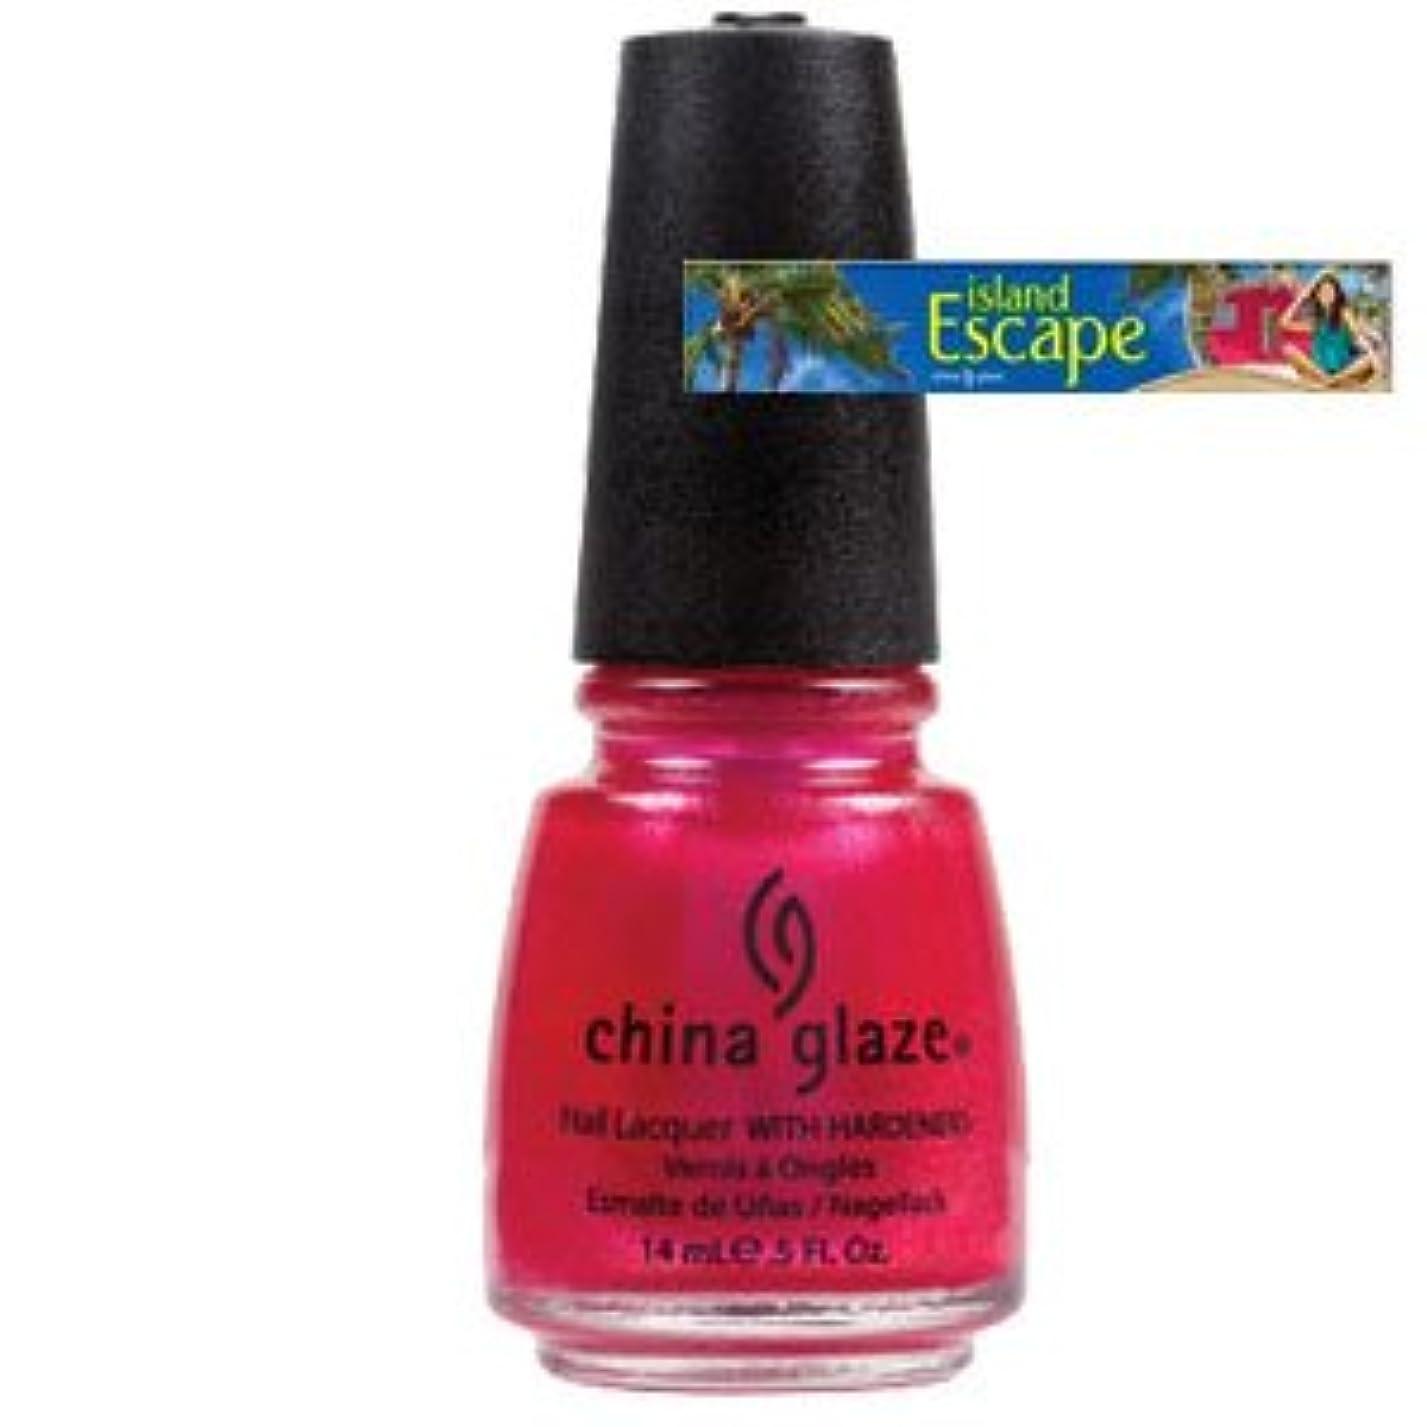 依存するよく話されるロック解除(チャイナグレイズ)China Glaze アイランドエスケープコレクション?108 Degrees [海外直送品][並行輸入品]